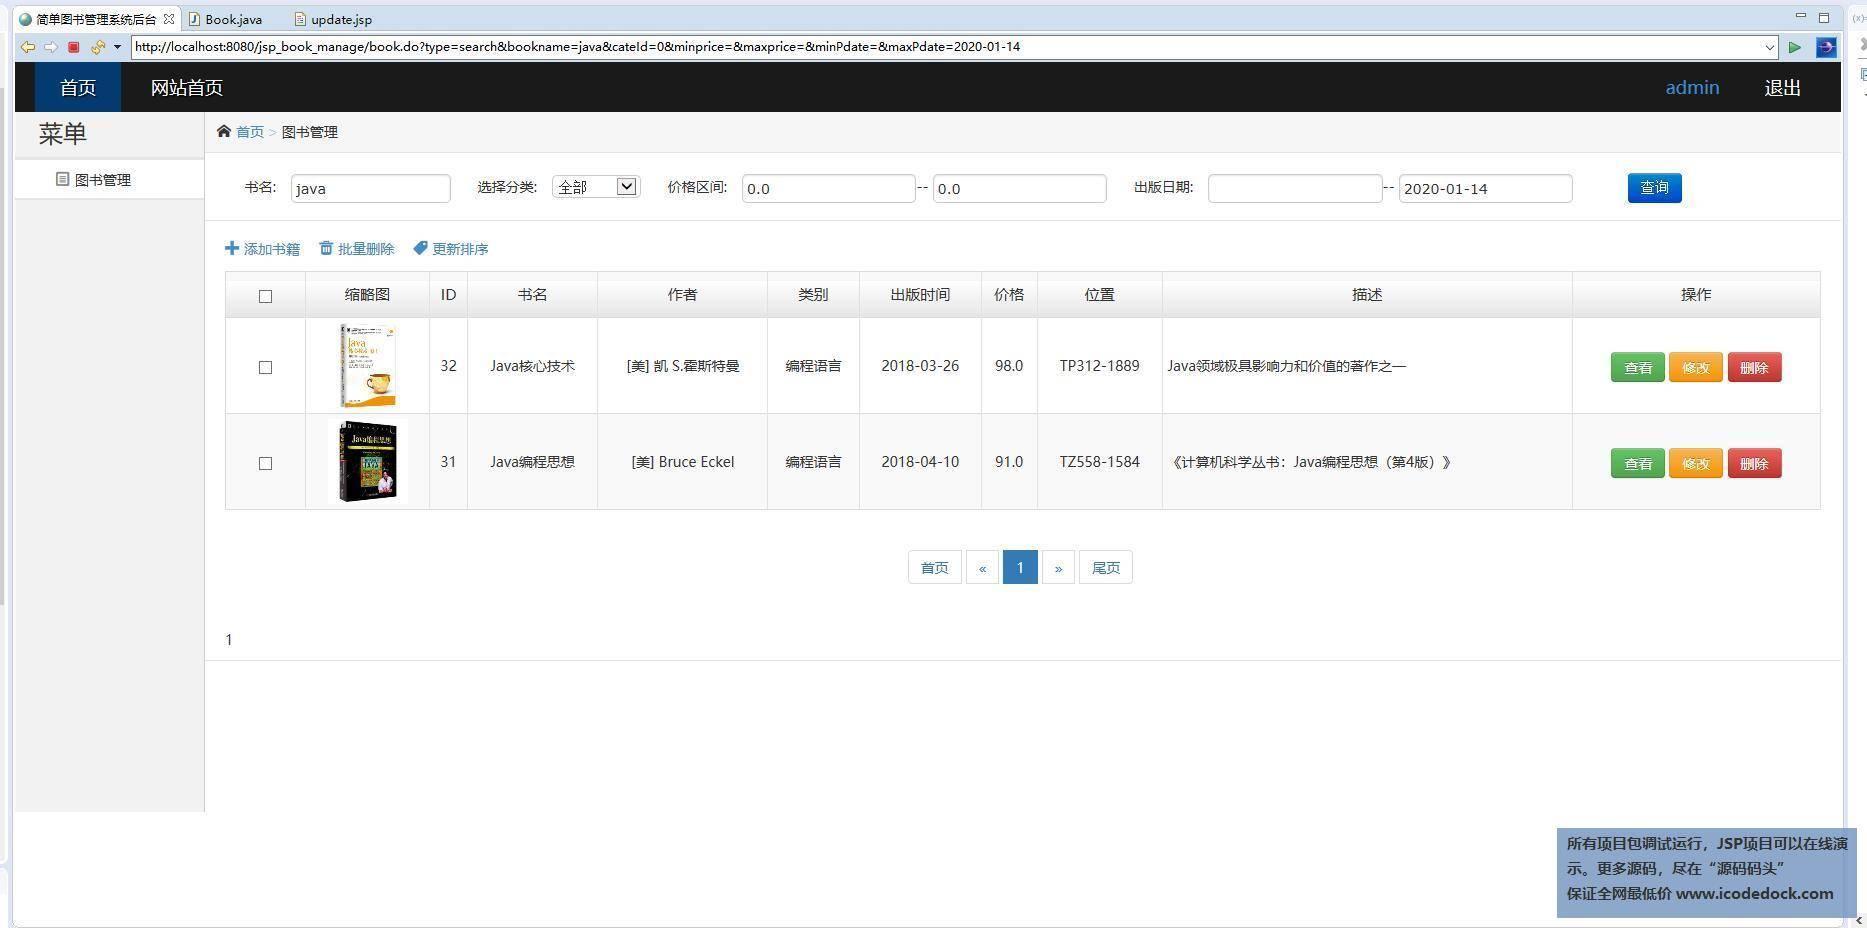 源码码头-JSP简单图书馆图书管理系统-管理员角色-查询图书